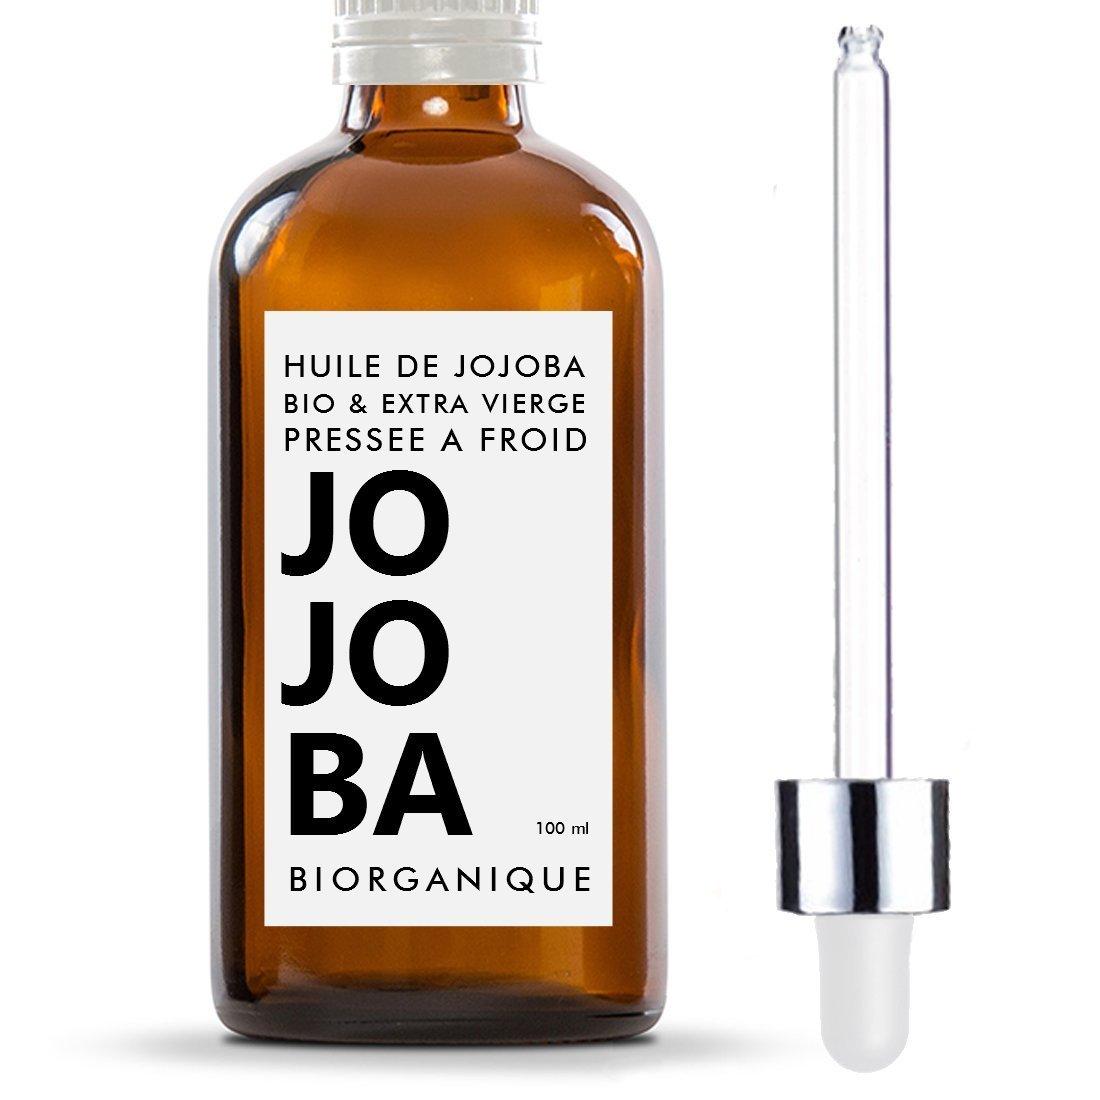 Huile deJojoba Biorganique un excellent produit de soins pour les cheveux